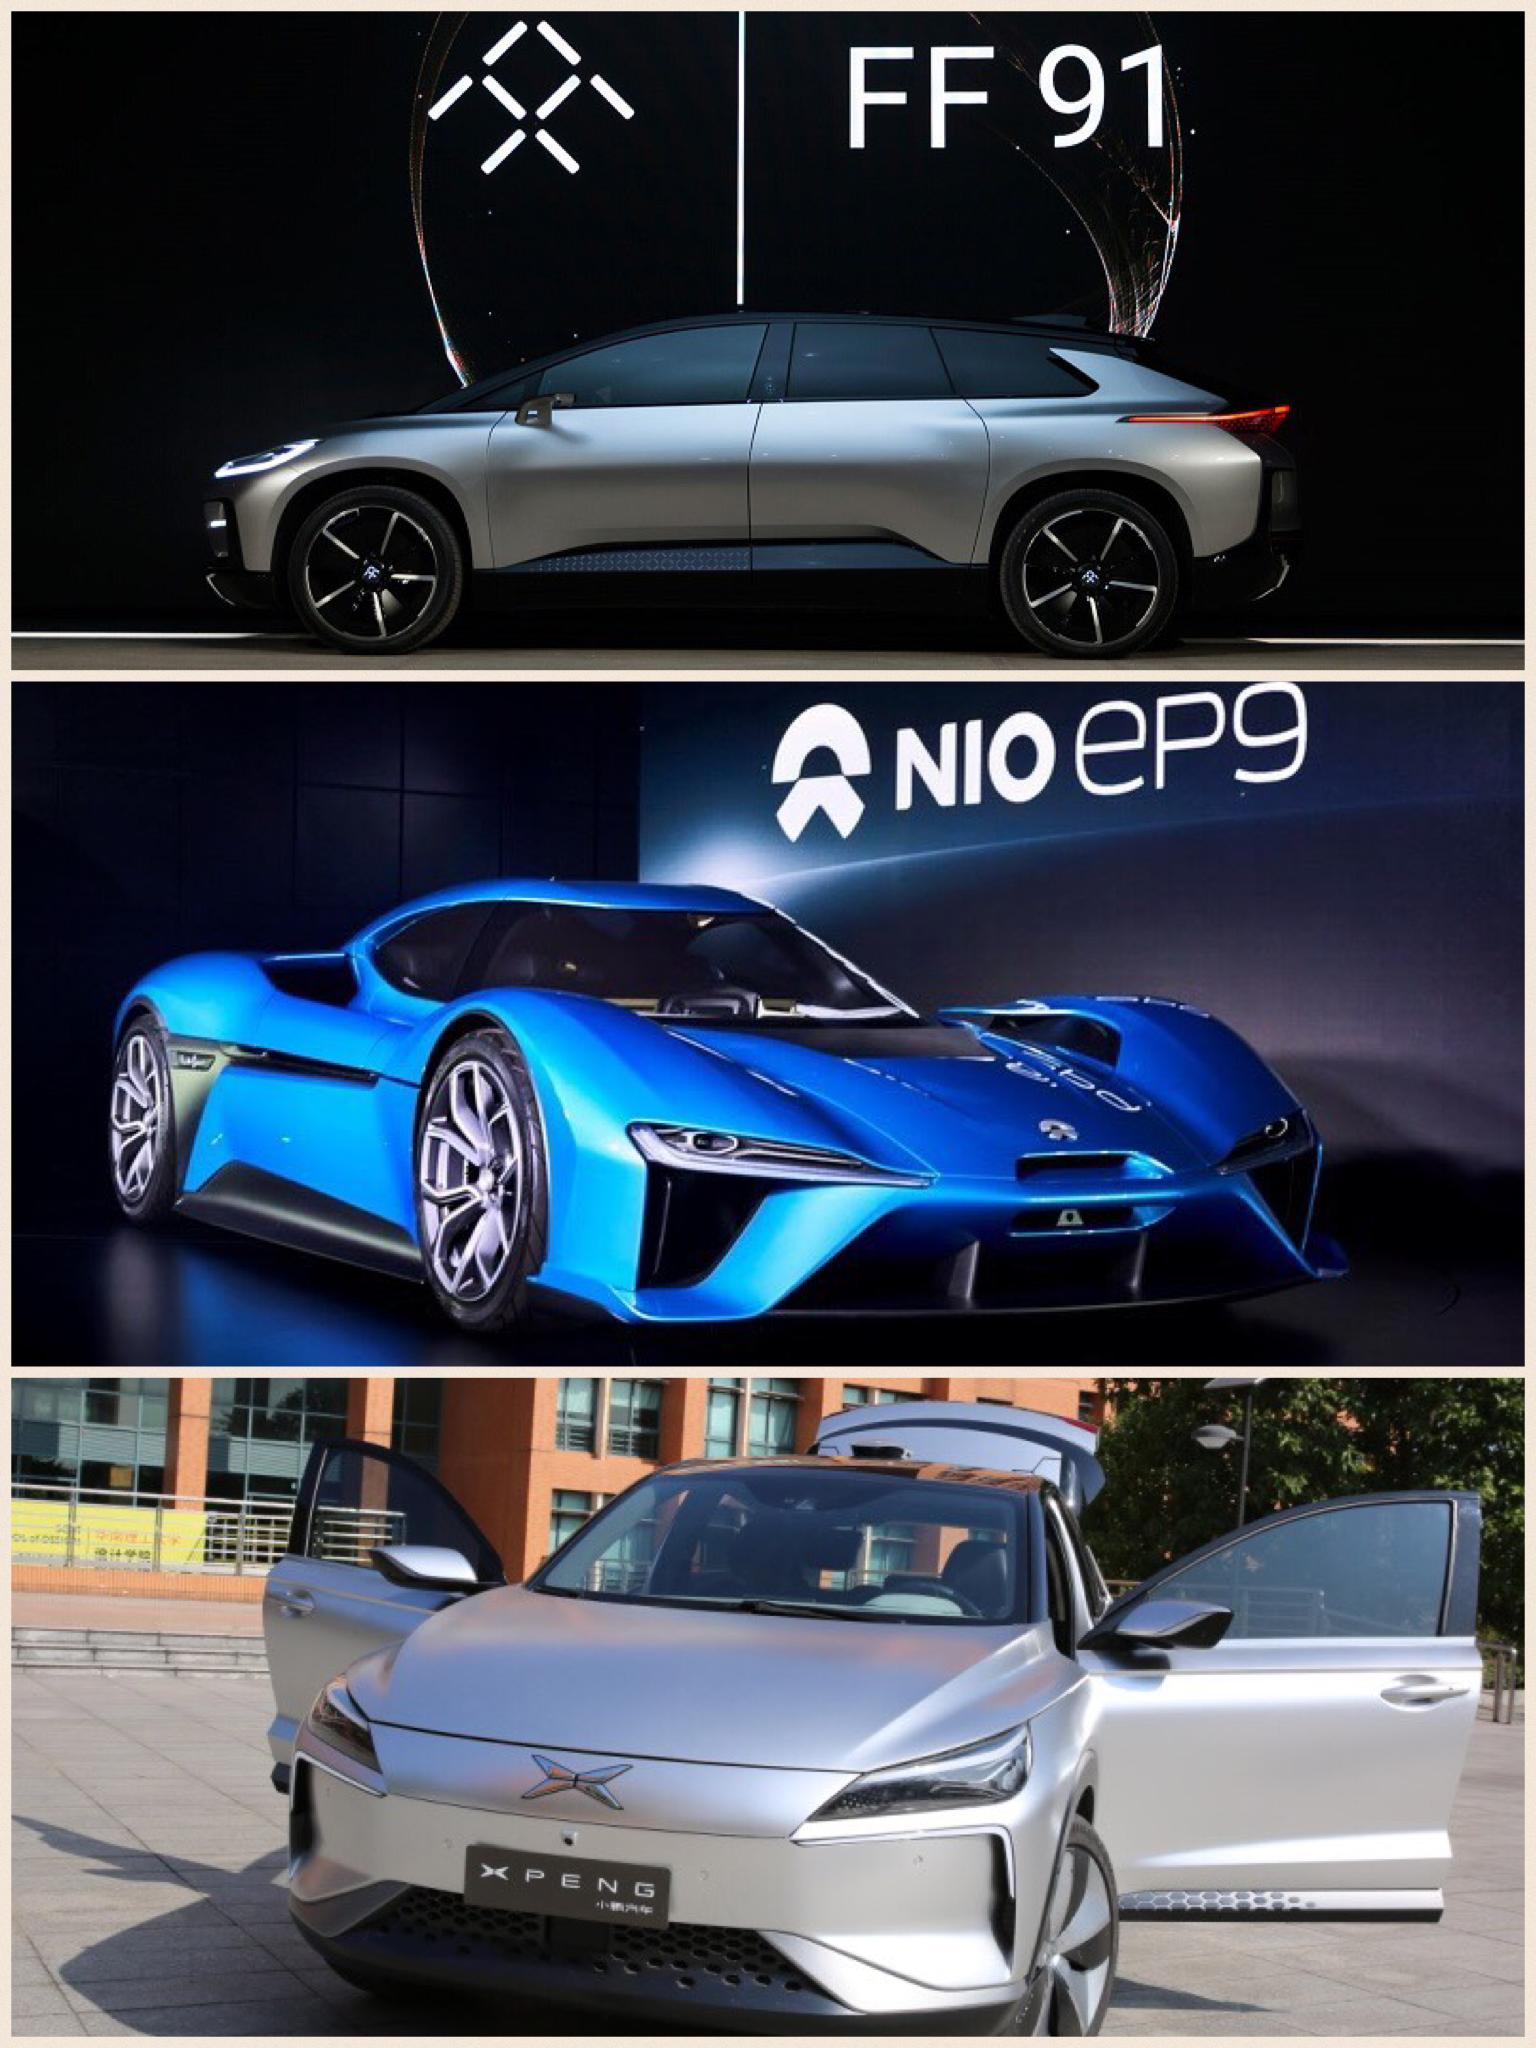 中国新興EVメーカー 楽視の「FF91」蔚來の「EP9」小鵬の「XPENG」